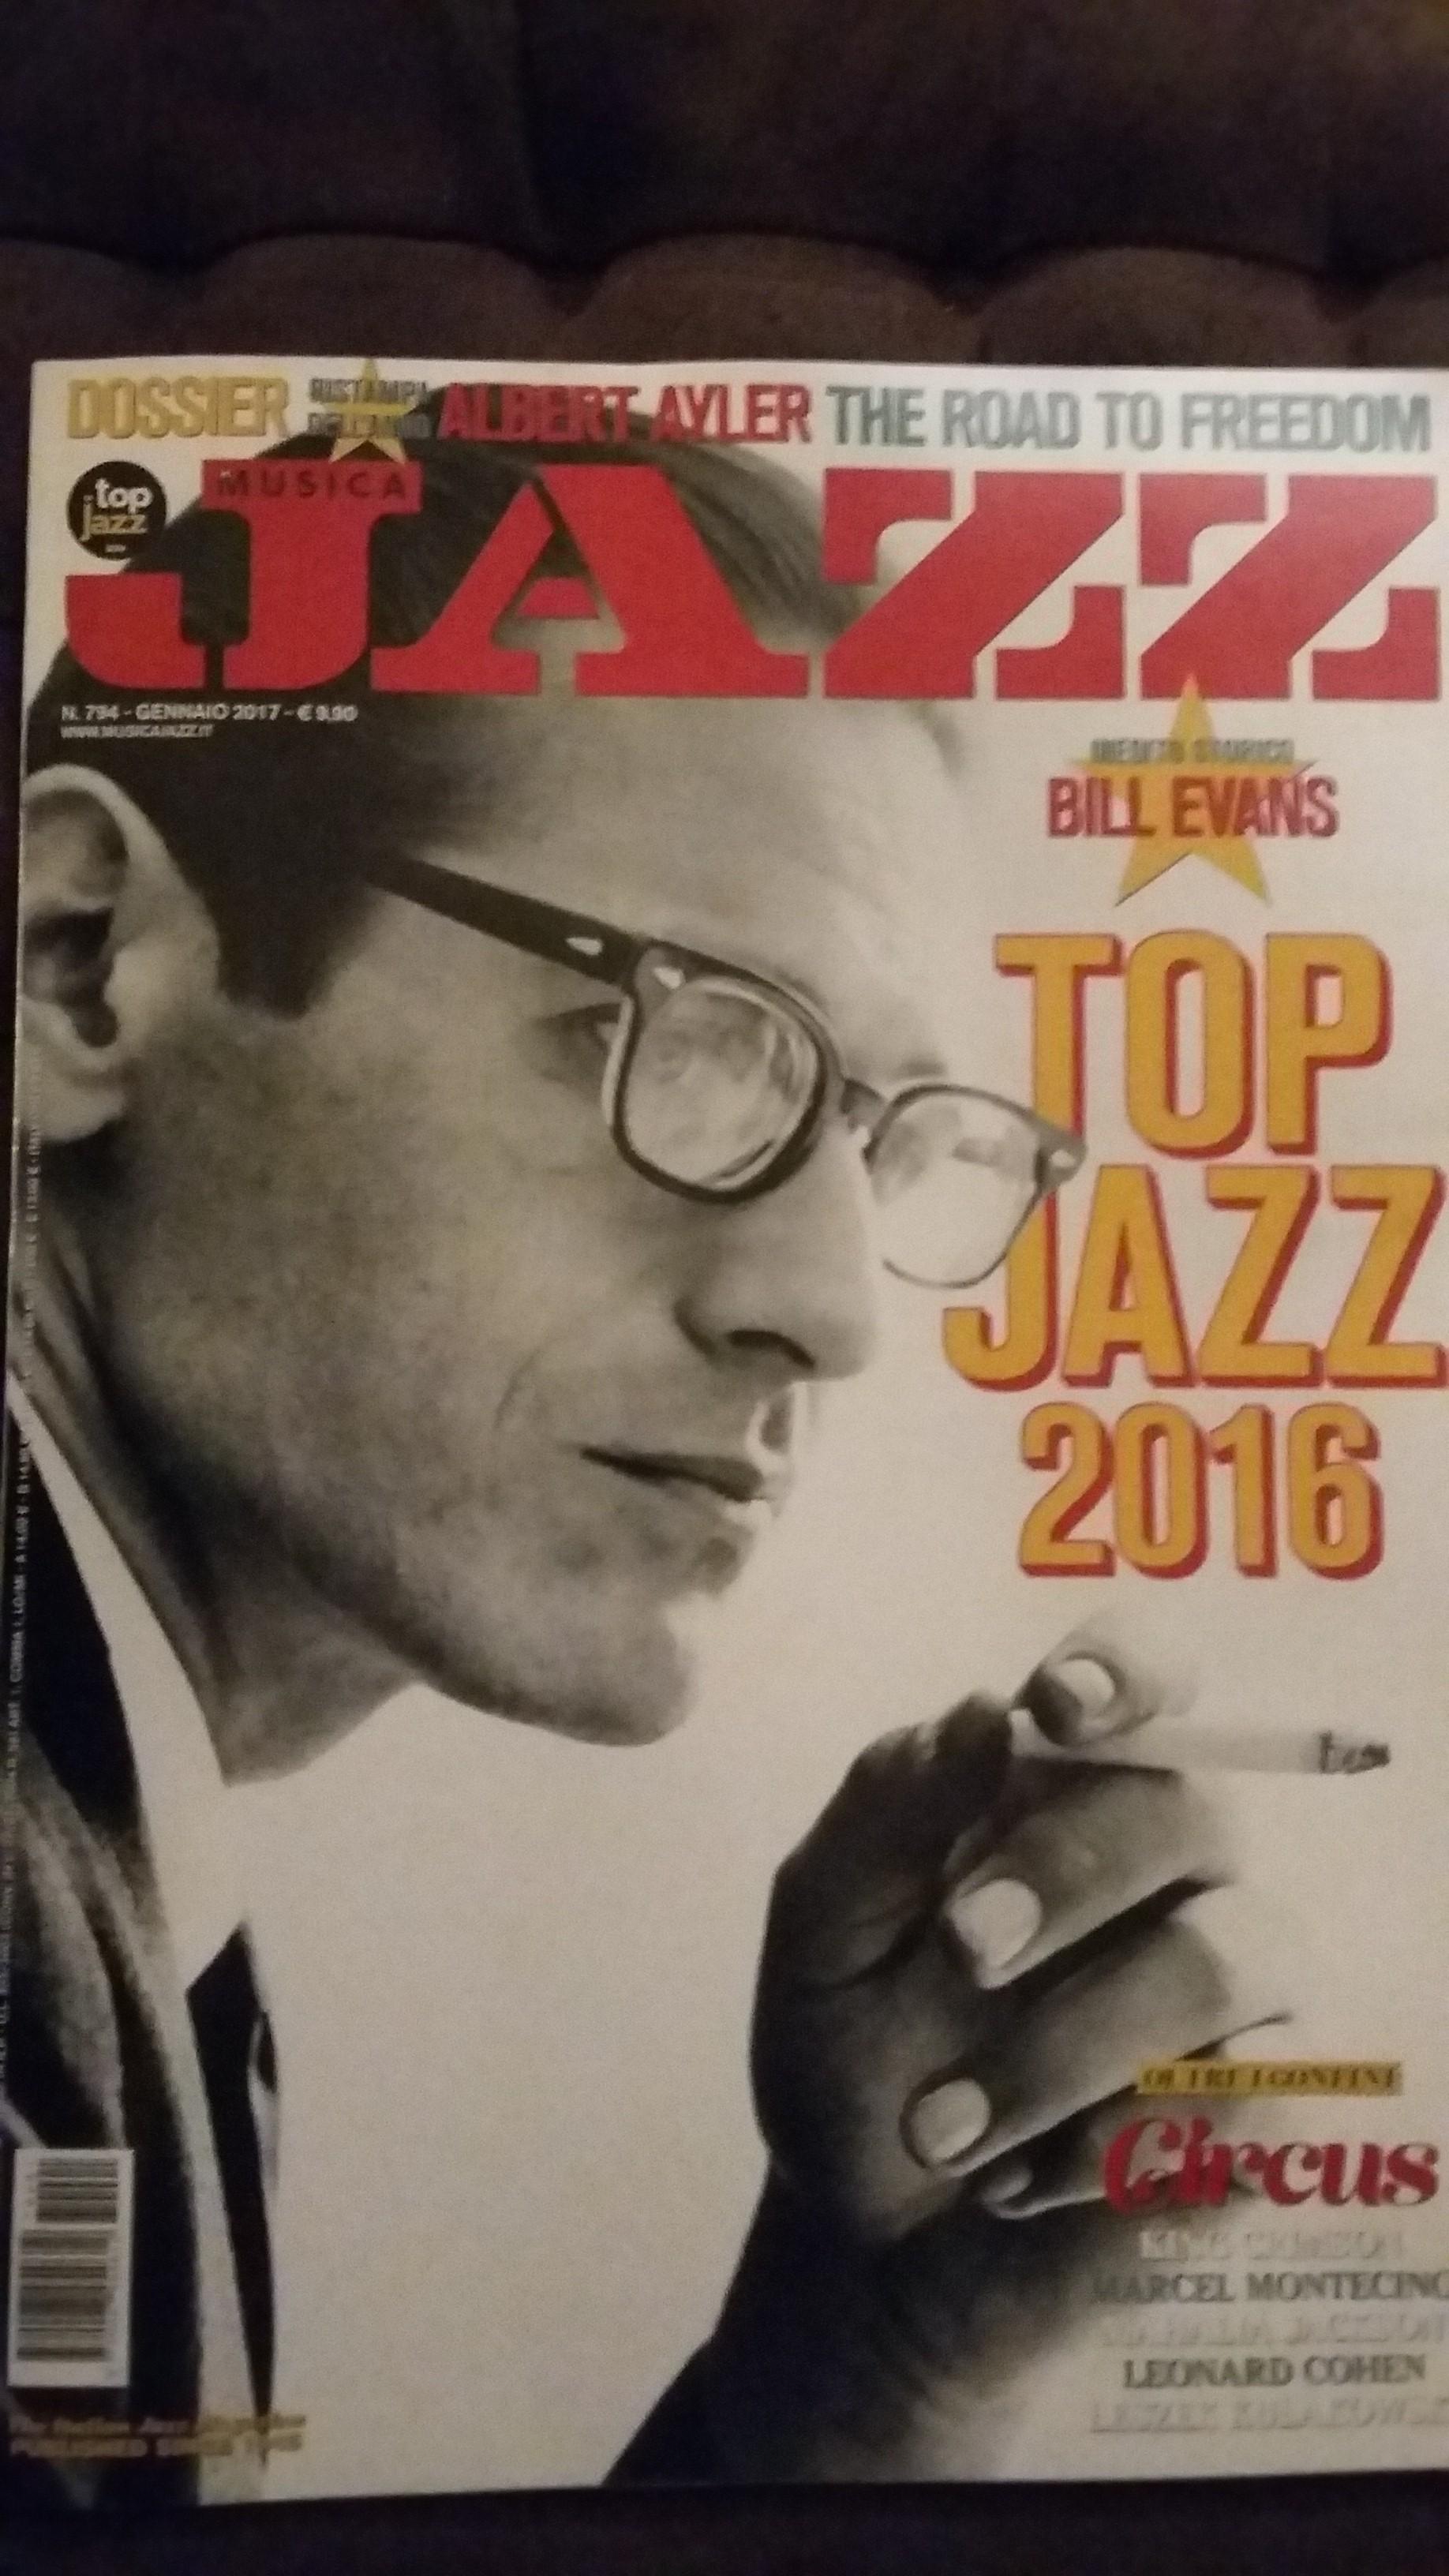 Musica Jazz n. 794 (...